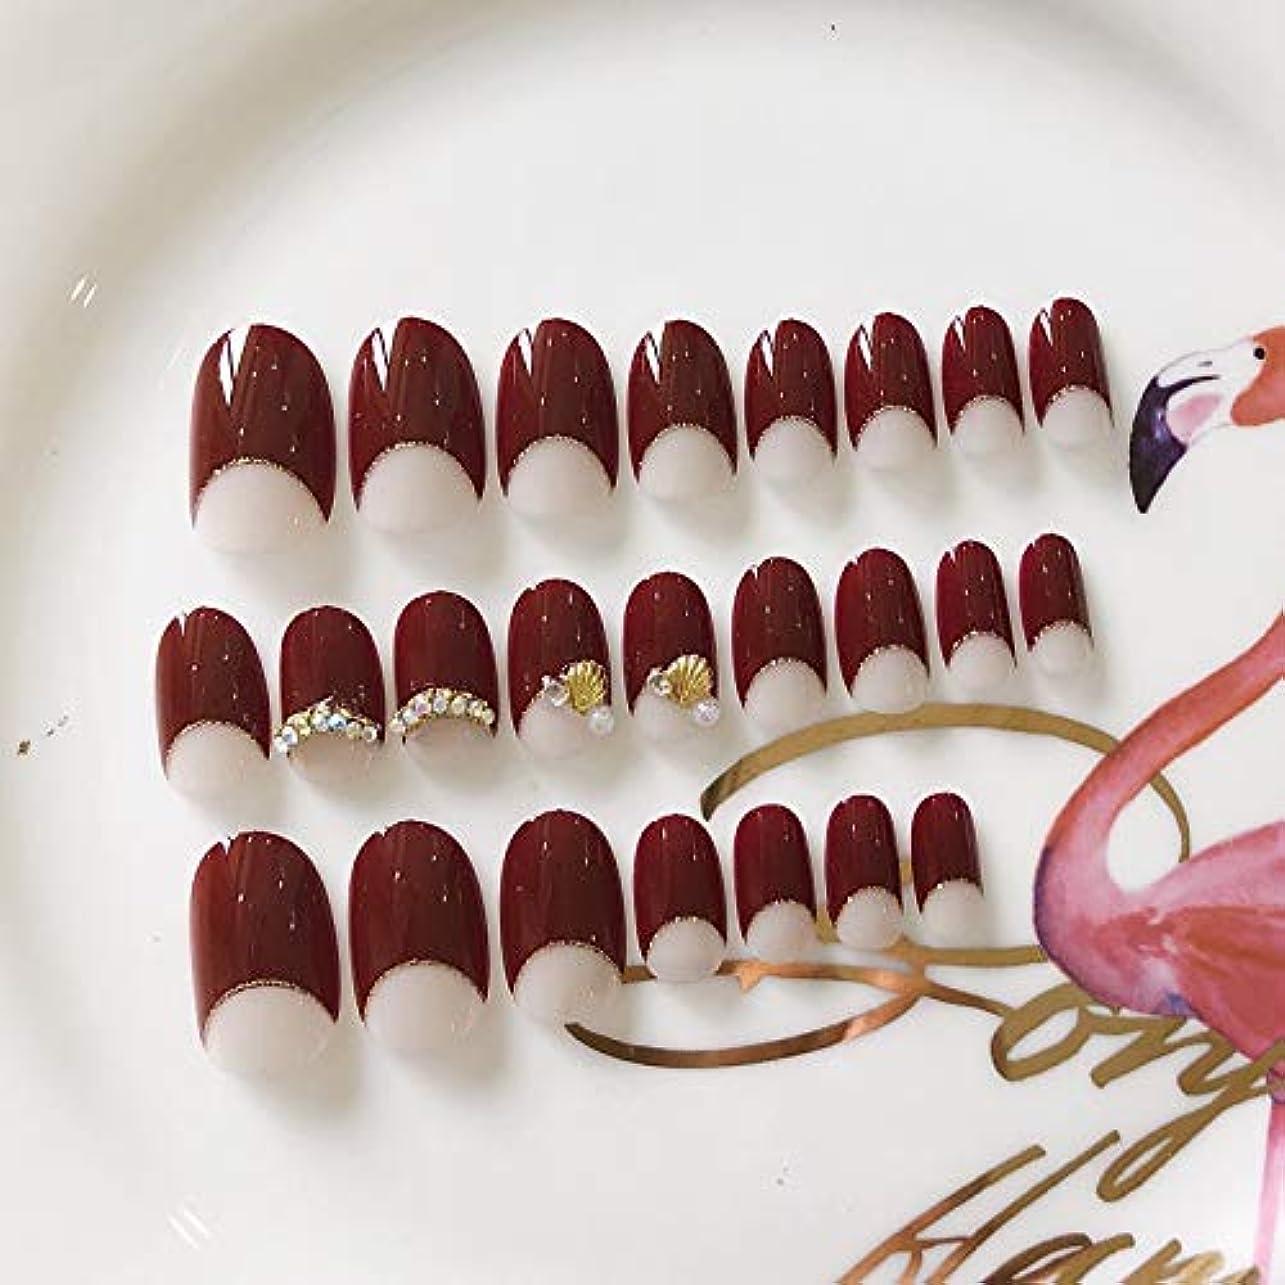 可動スーパー近々Jonathan ハンドケア 偽爪キット24pcs赤とパールエレガントタッチフレンチマニキュアフェイクネイルグルーフルカバーミディアムレングス